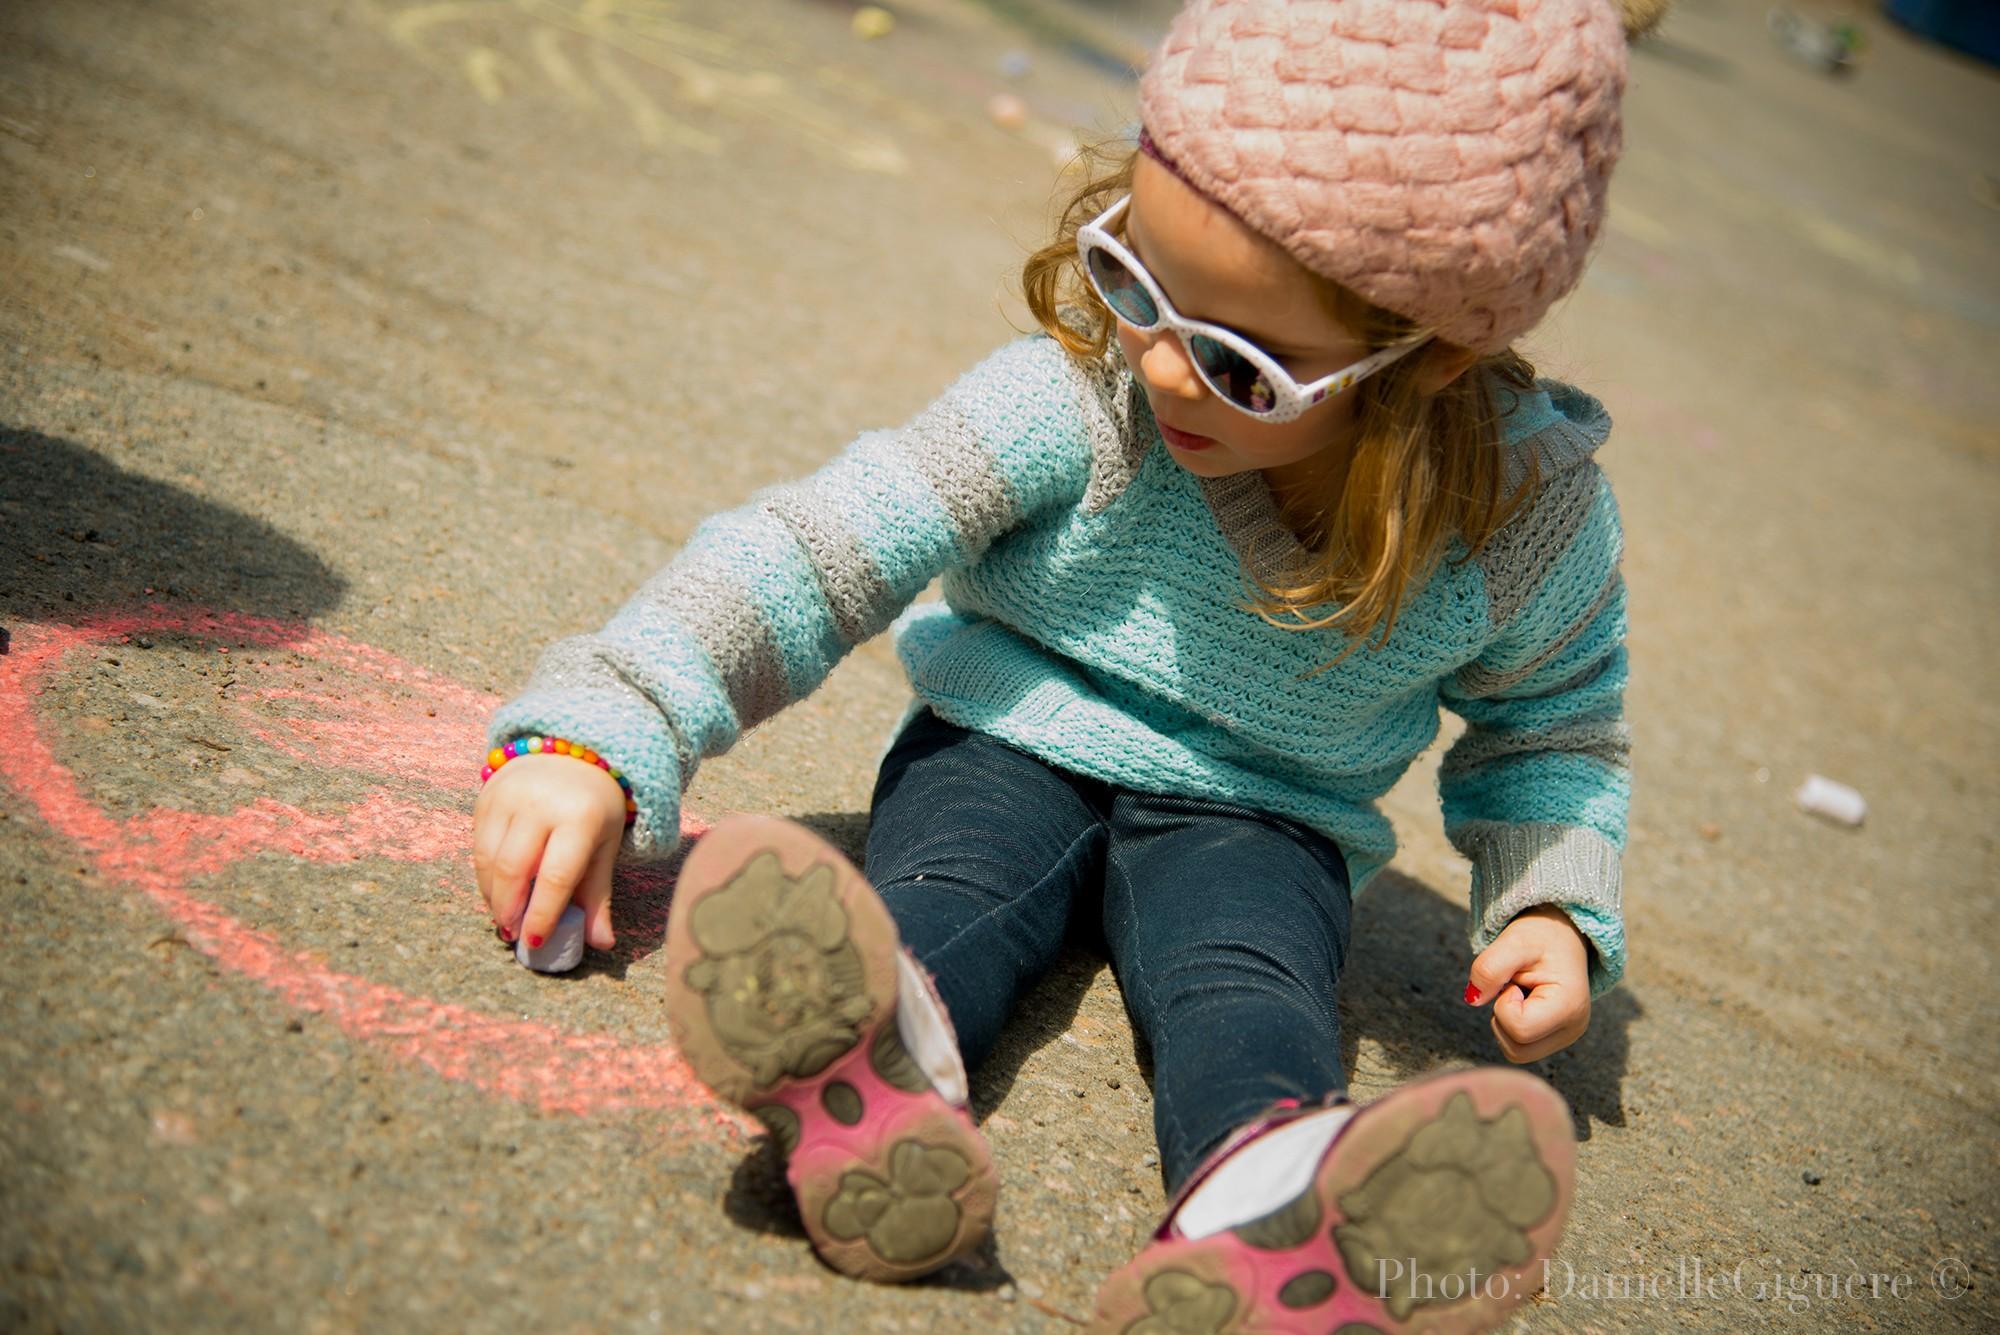 Photo d'une fillette dessinant sur le sol / Photographie éditoriale d'une fête